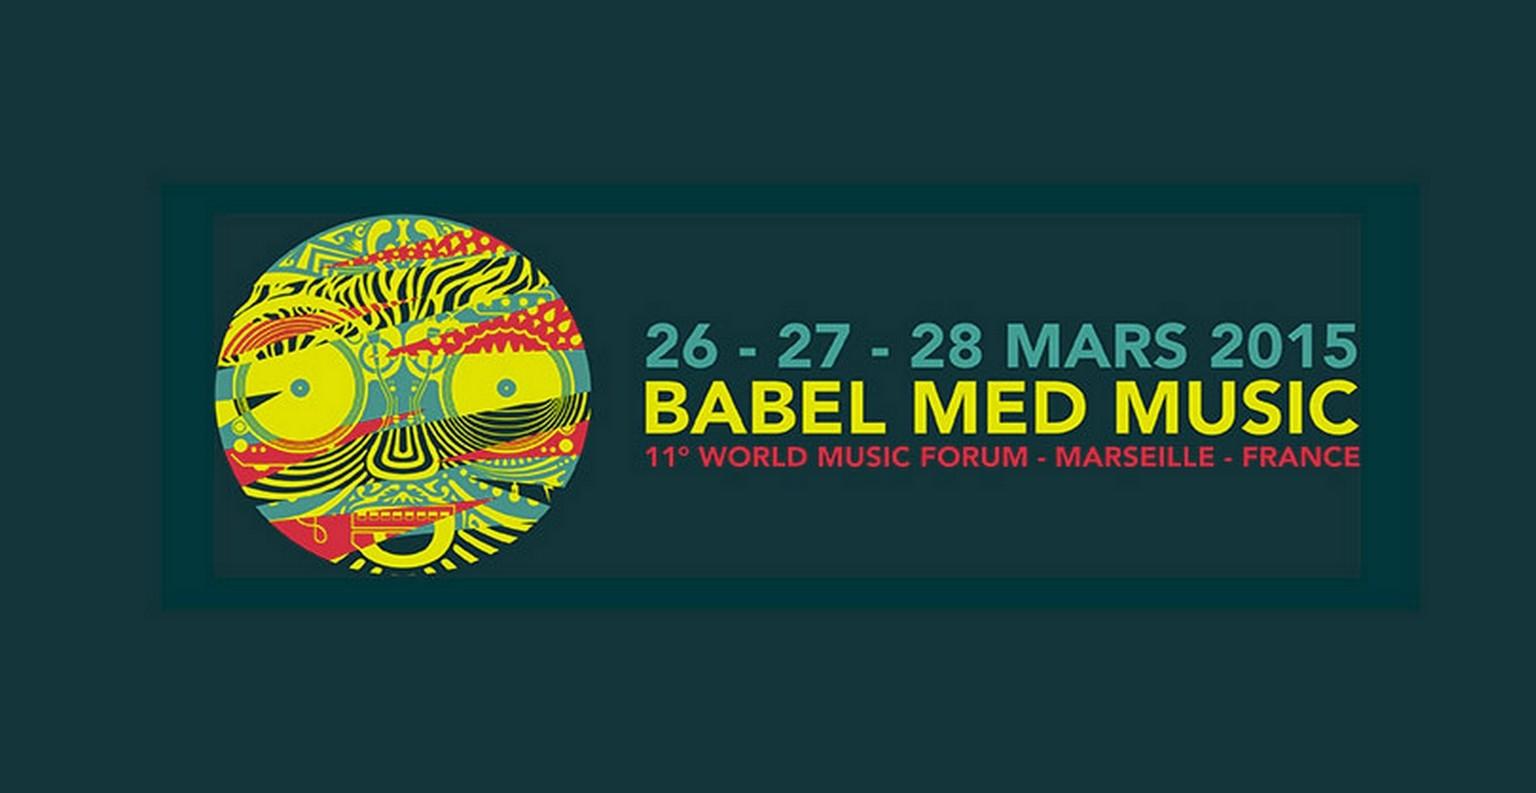 Le Festival Babel Med Music se déroulera du 26 au 28 mars 2015 à Marseille. ©DR